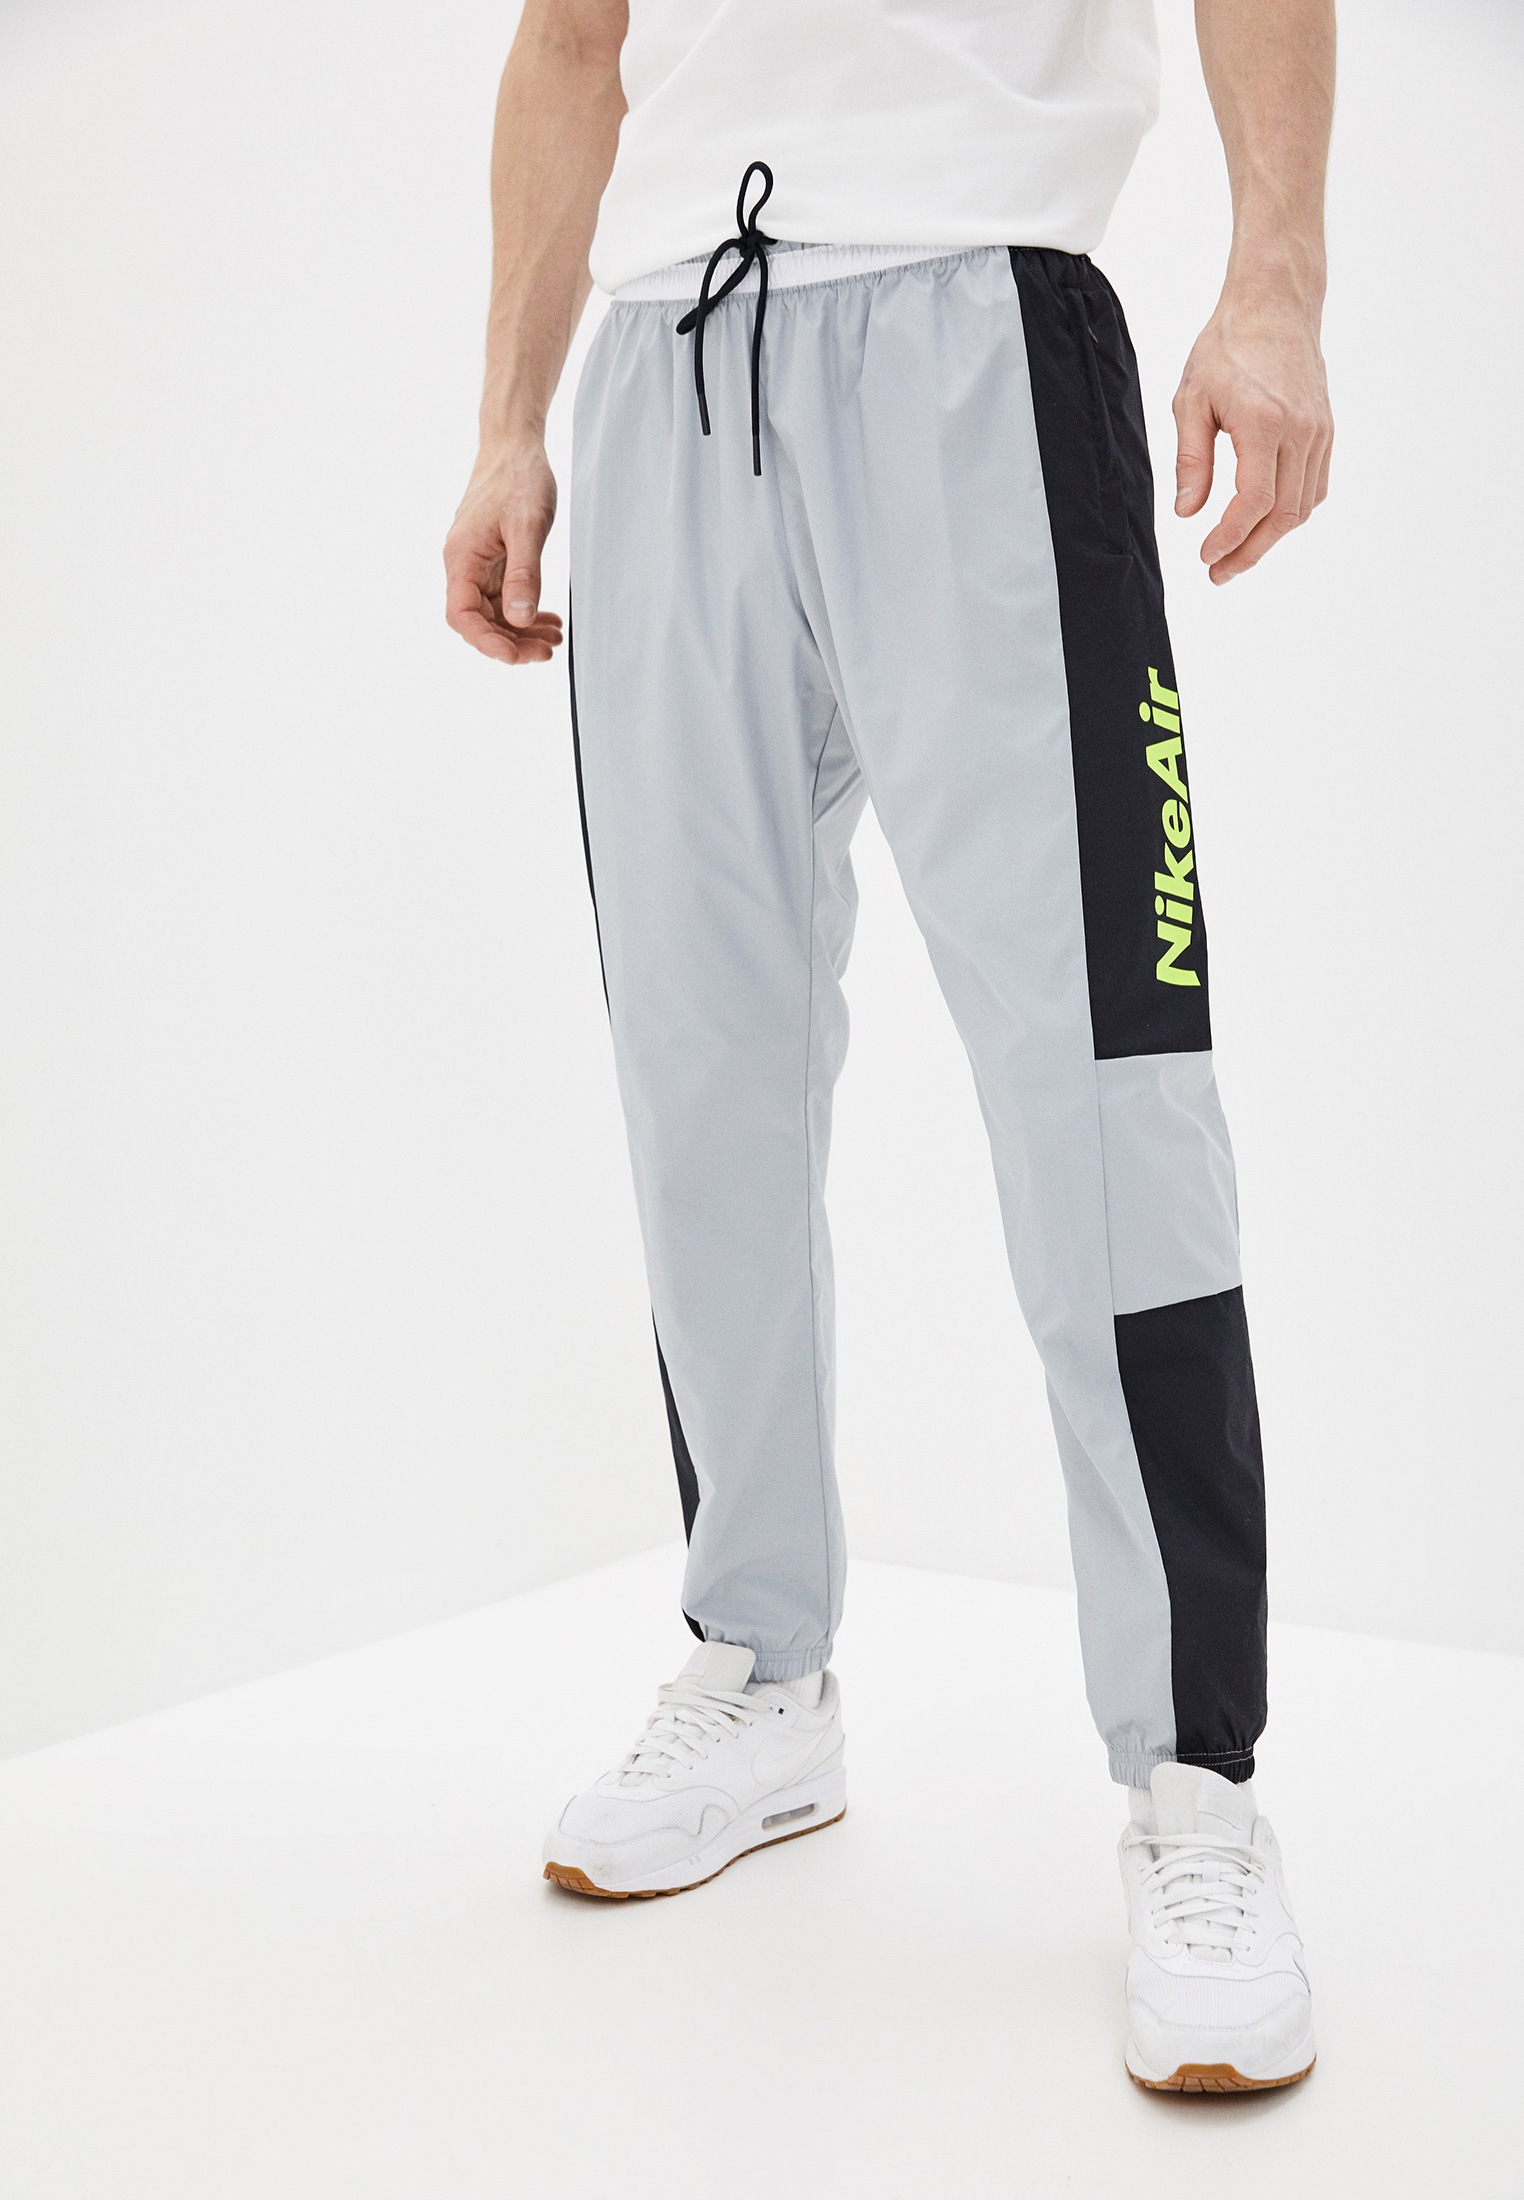 Брюки спортивные Nike M NSW NIKE AIR PANT WVN купить за 4 790 ₽ в интернет-магазине Lamoda.ru